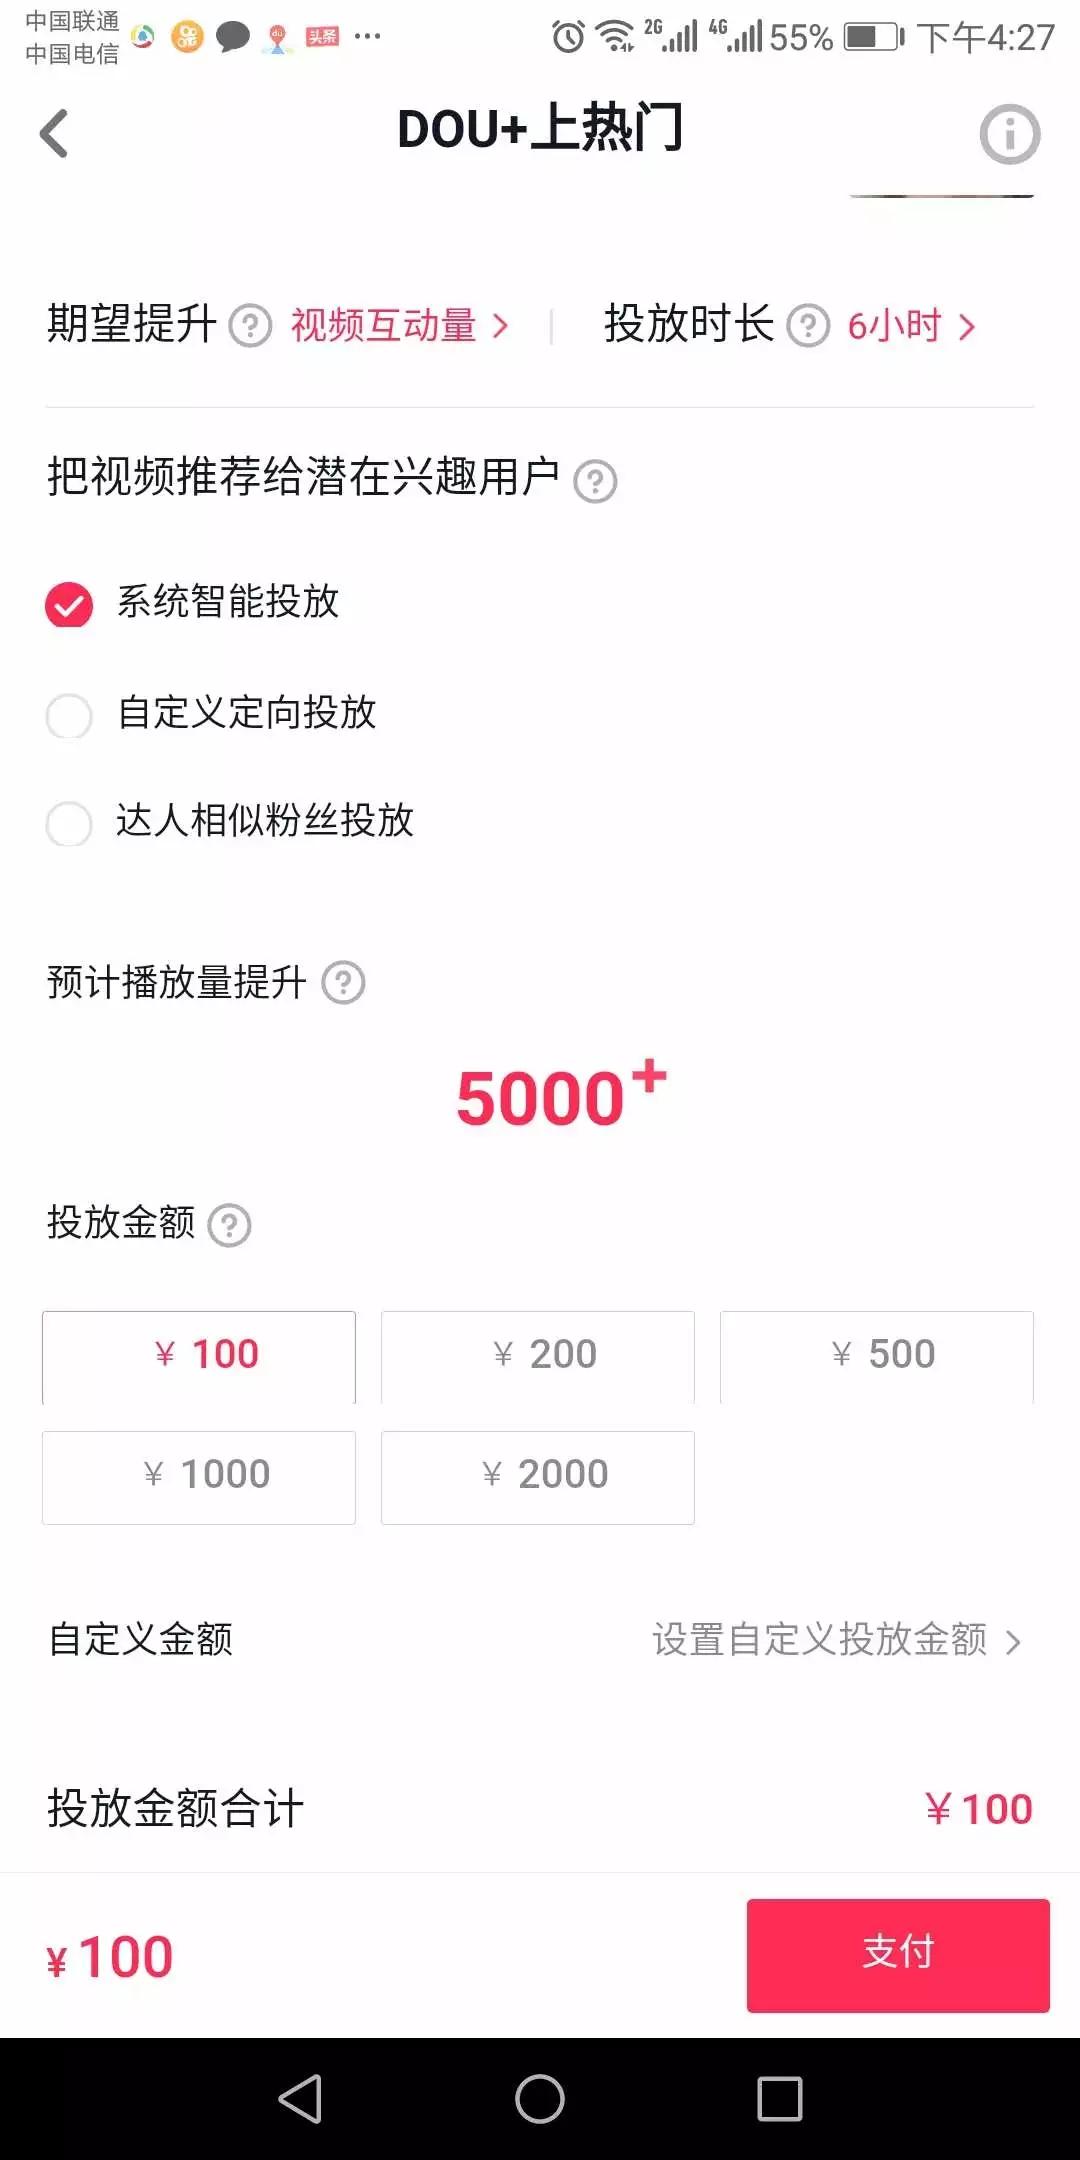 新手可操作60天抖音短视频变现20000+揭秘零成本水果电商赚钱玩法!